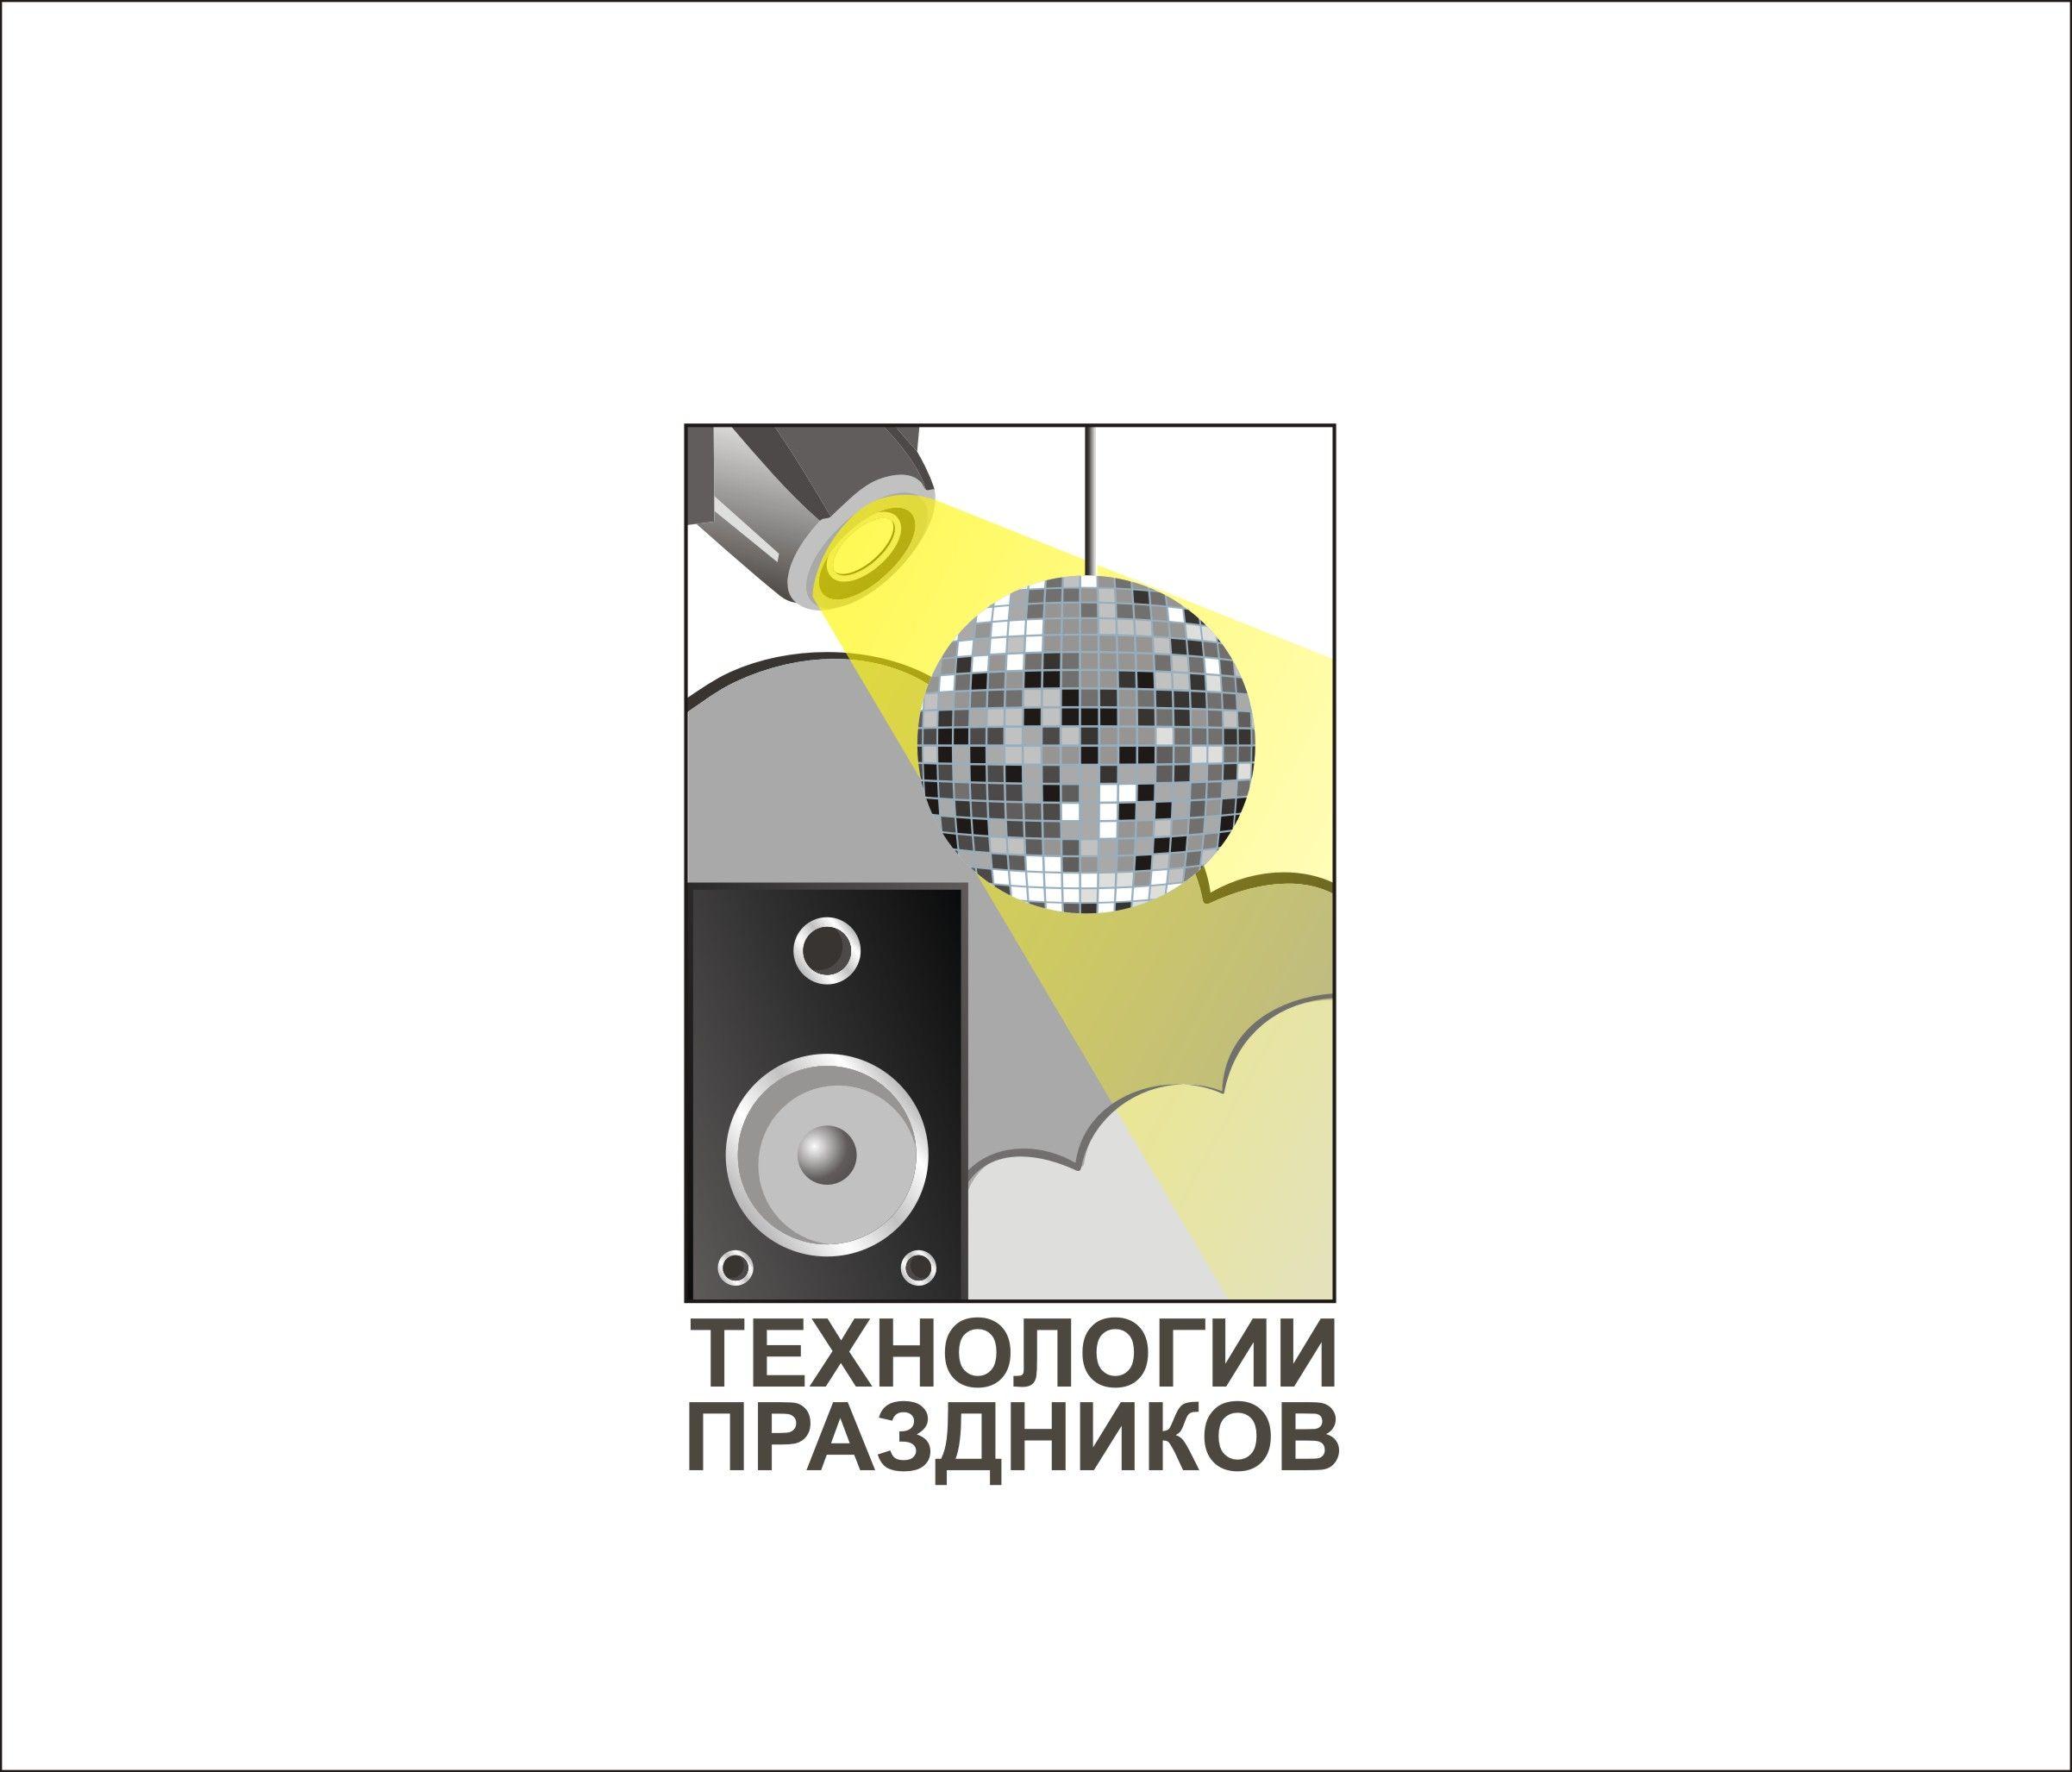 Придумать логотип и фирменный стиль - дизайнер Nedowo